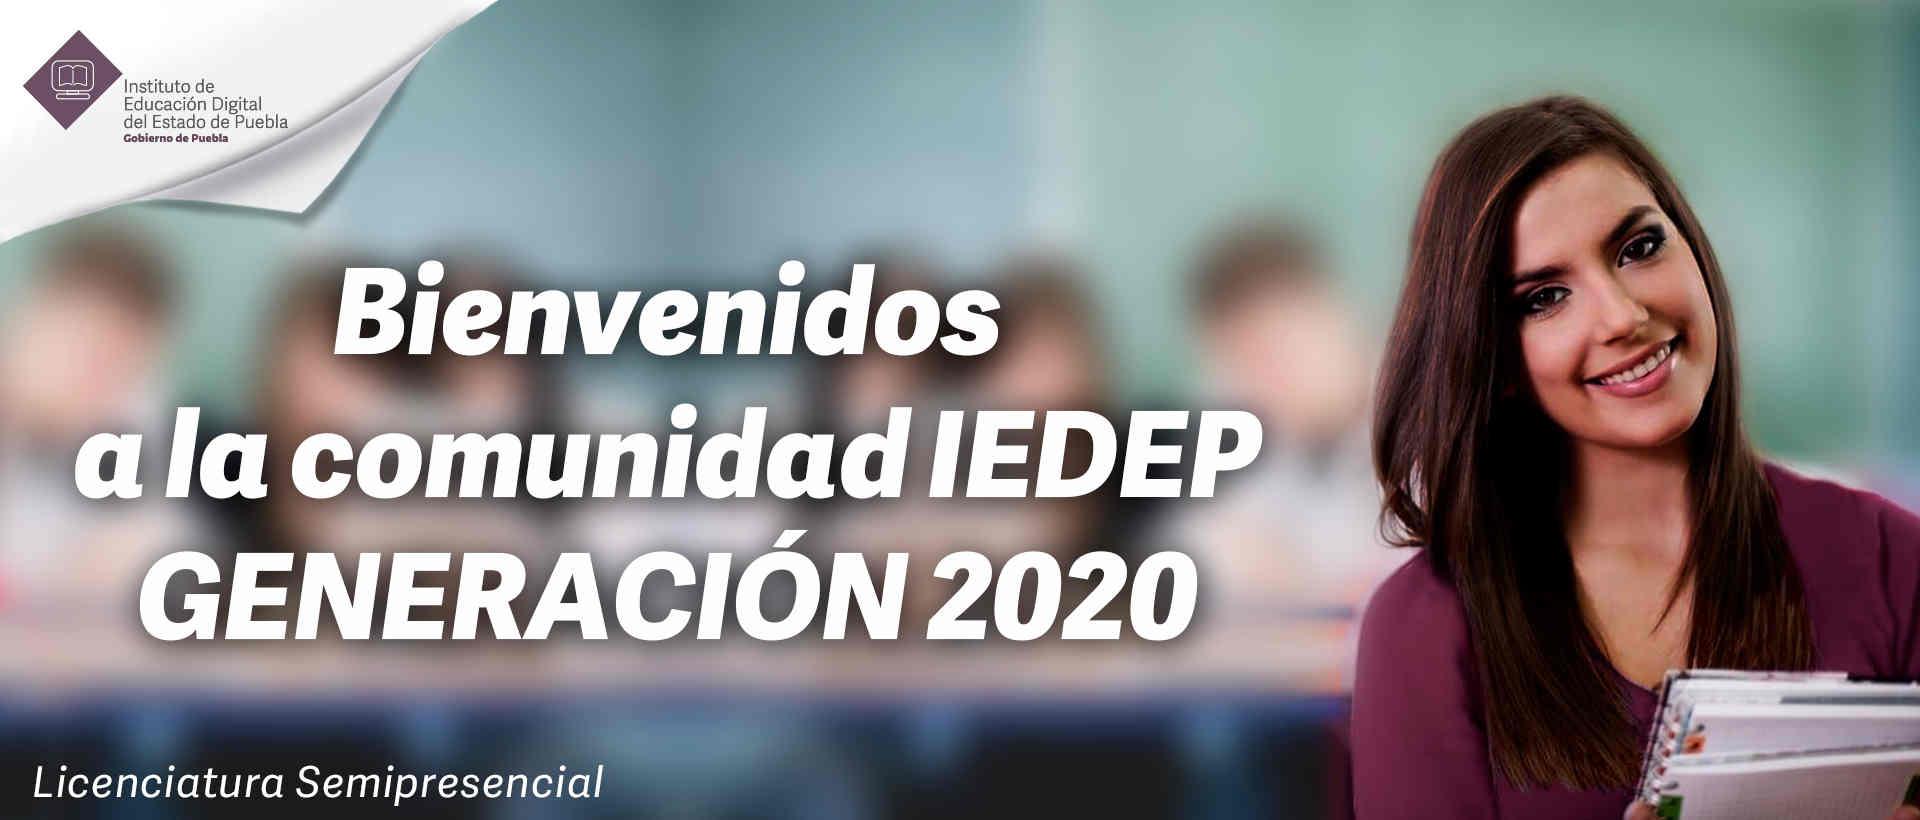 bienvenidos_alumnos_2020.jpg